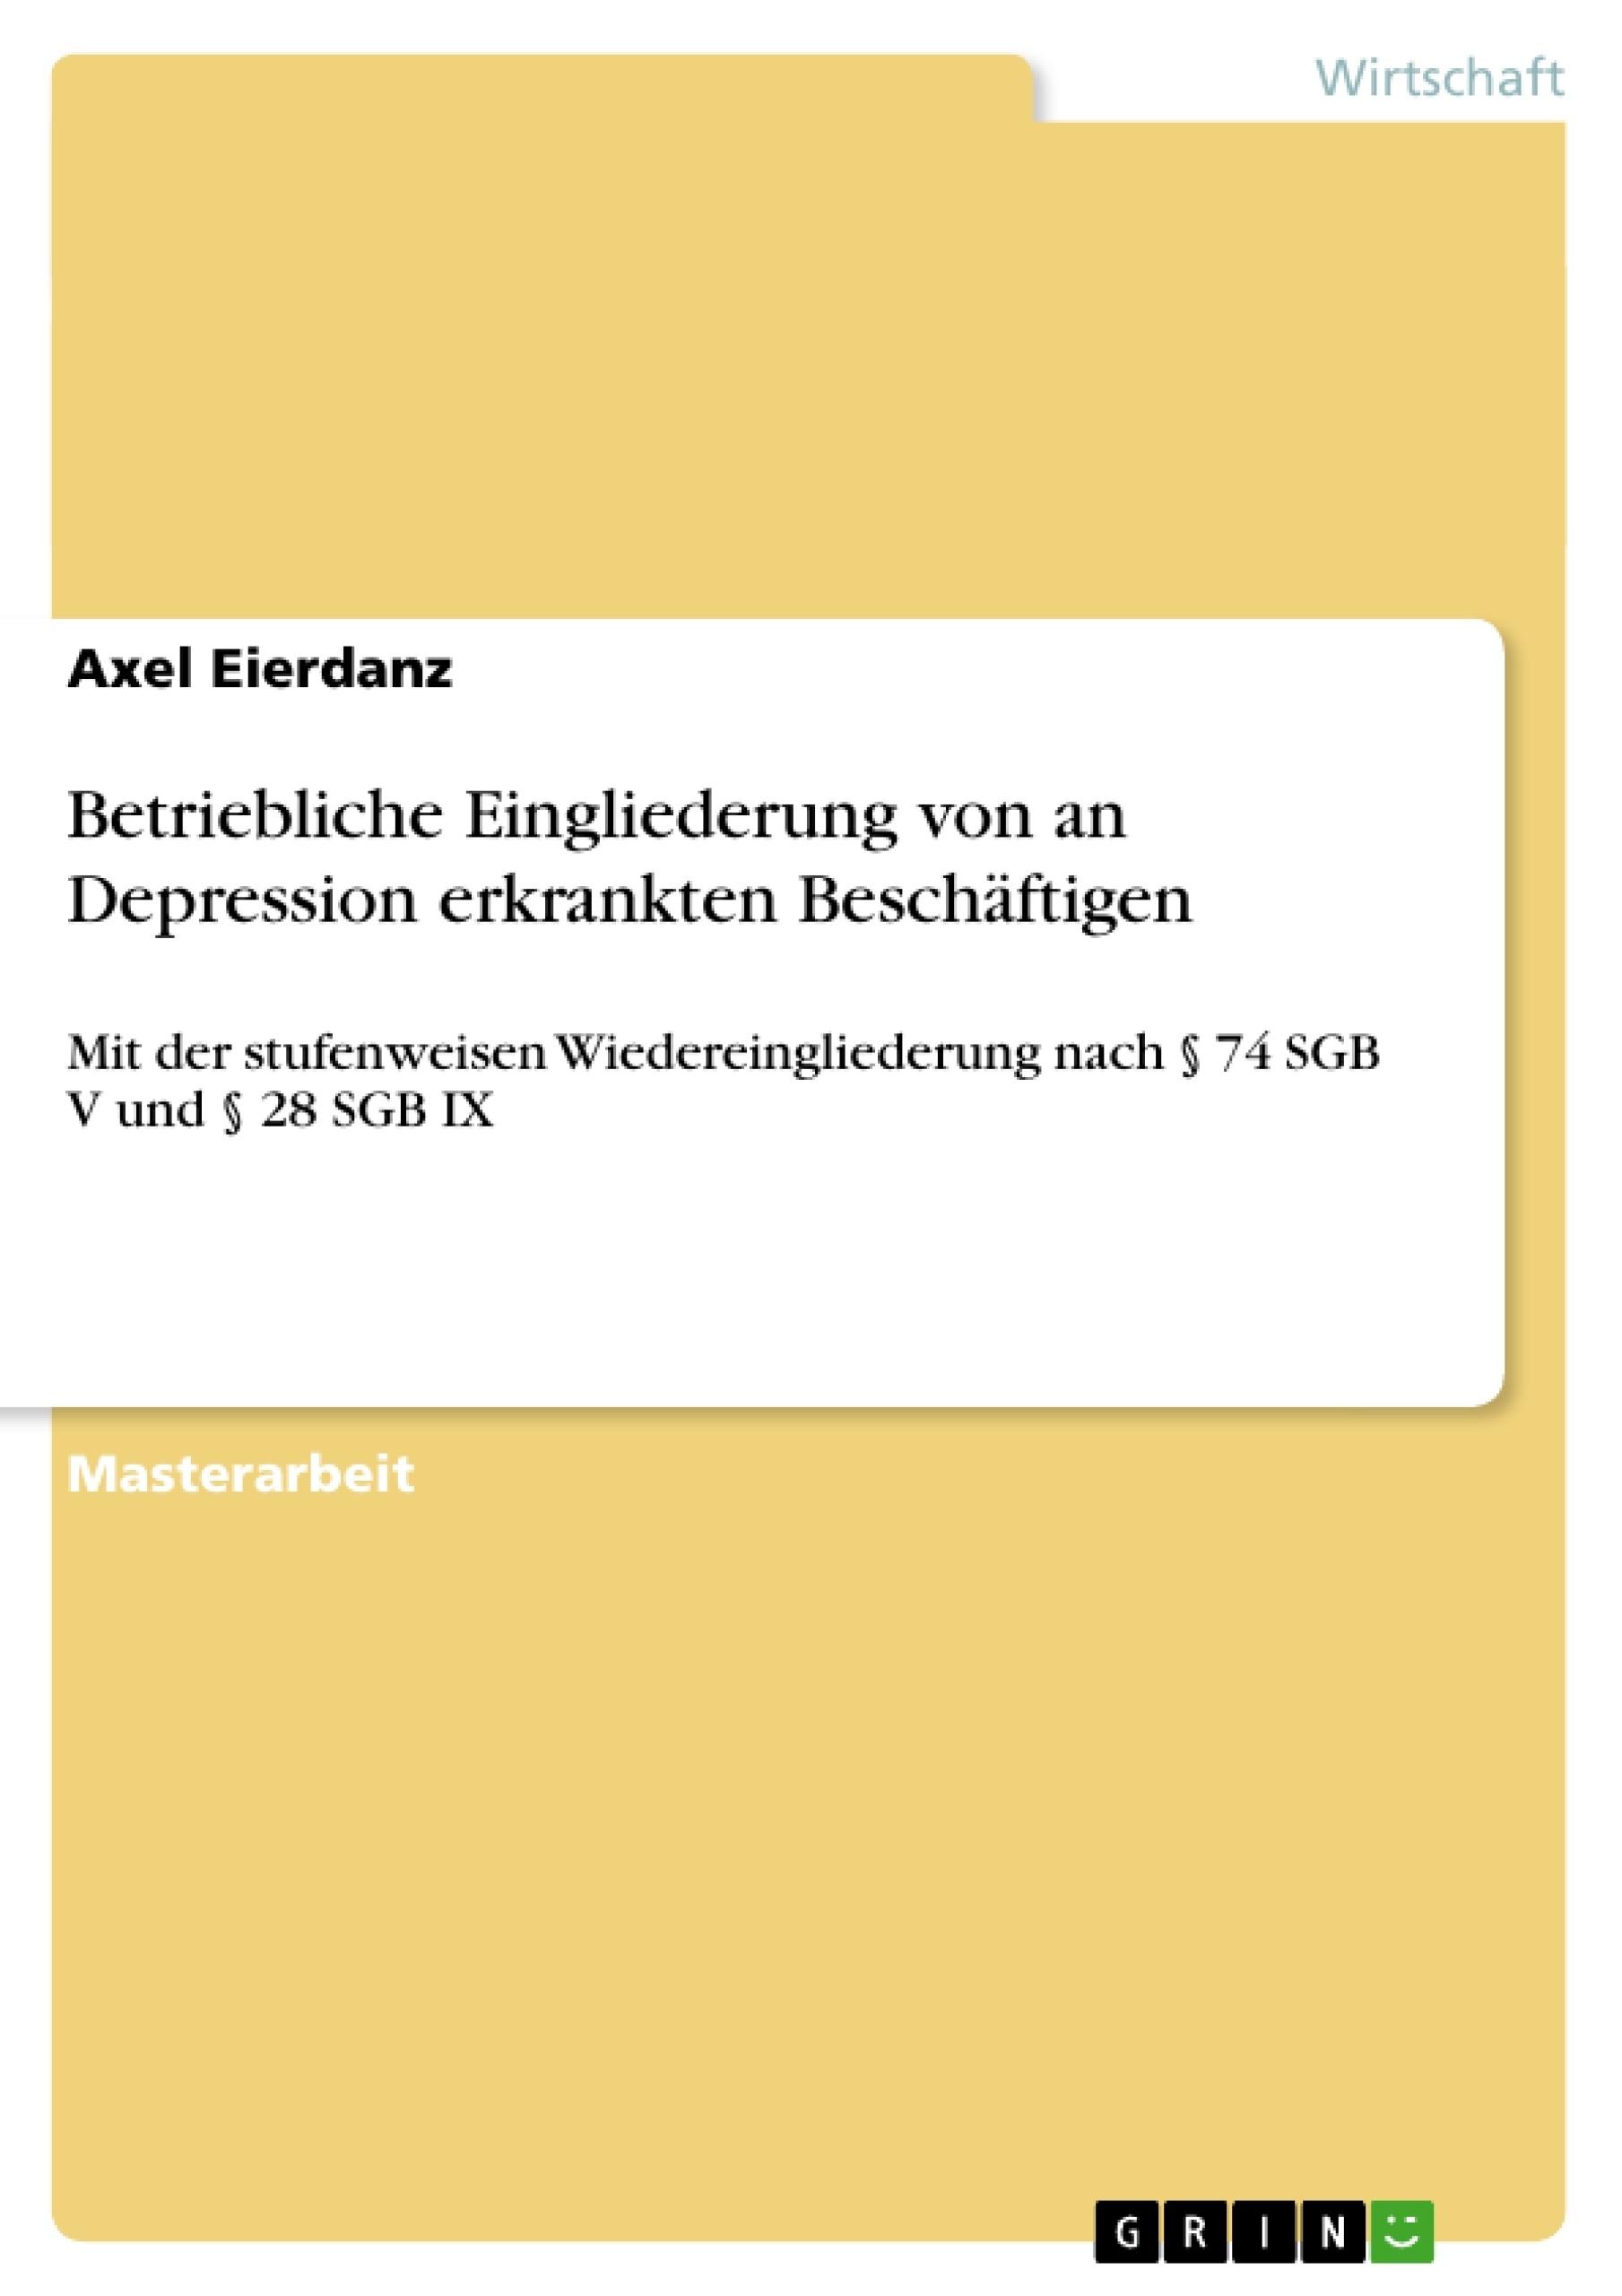 Titel: Betriebliche Eingliederung von an Depression erkrankten Beschäftigen